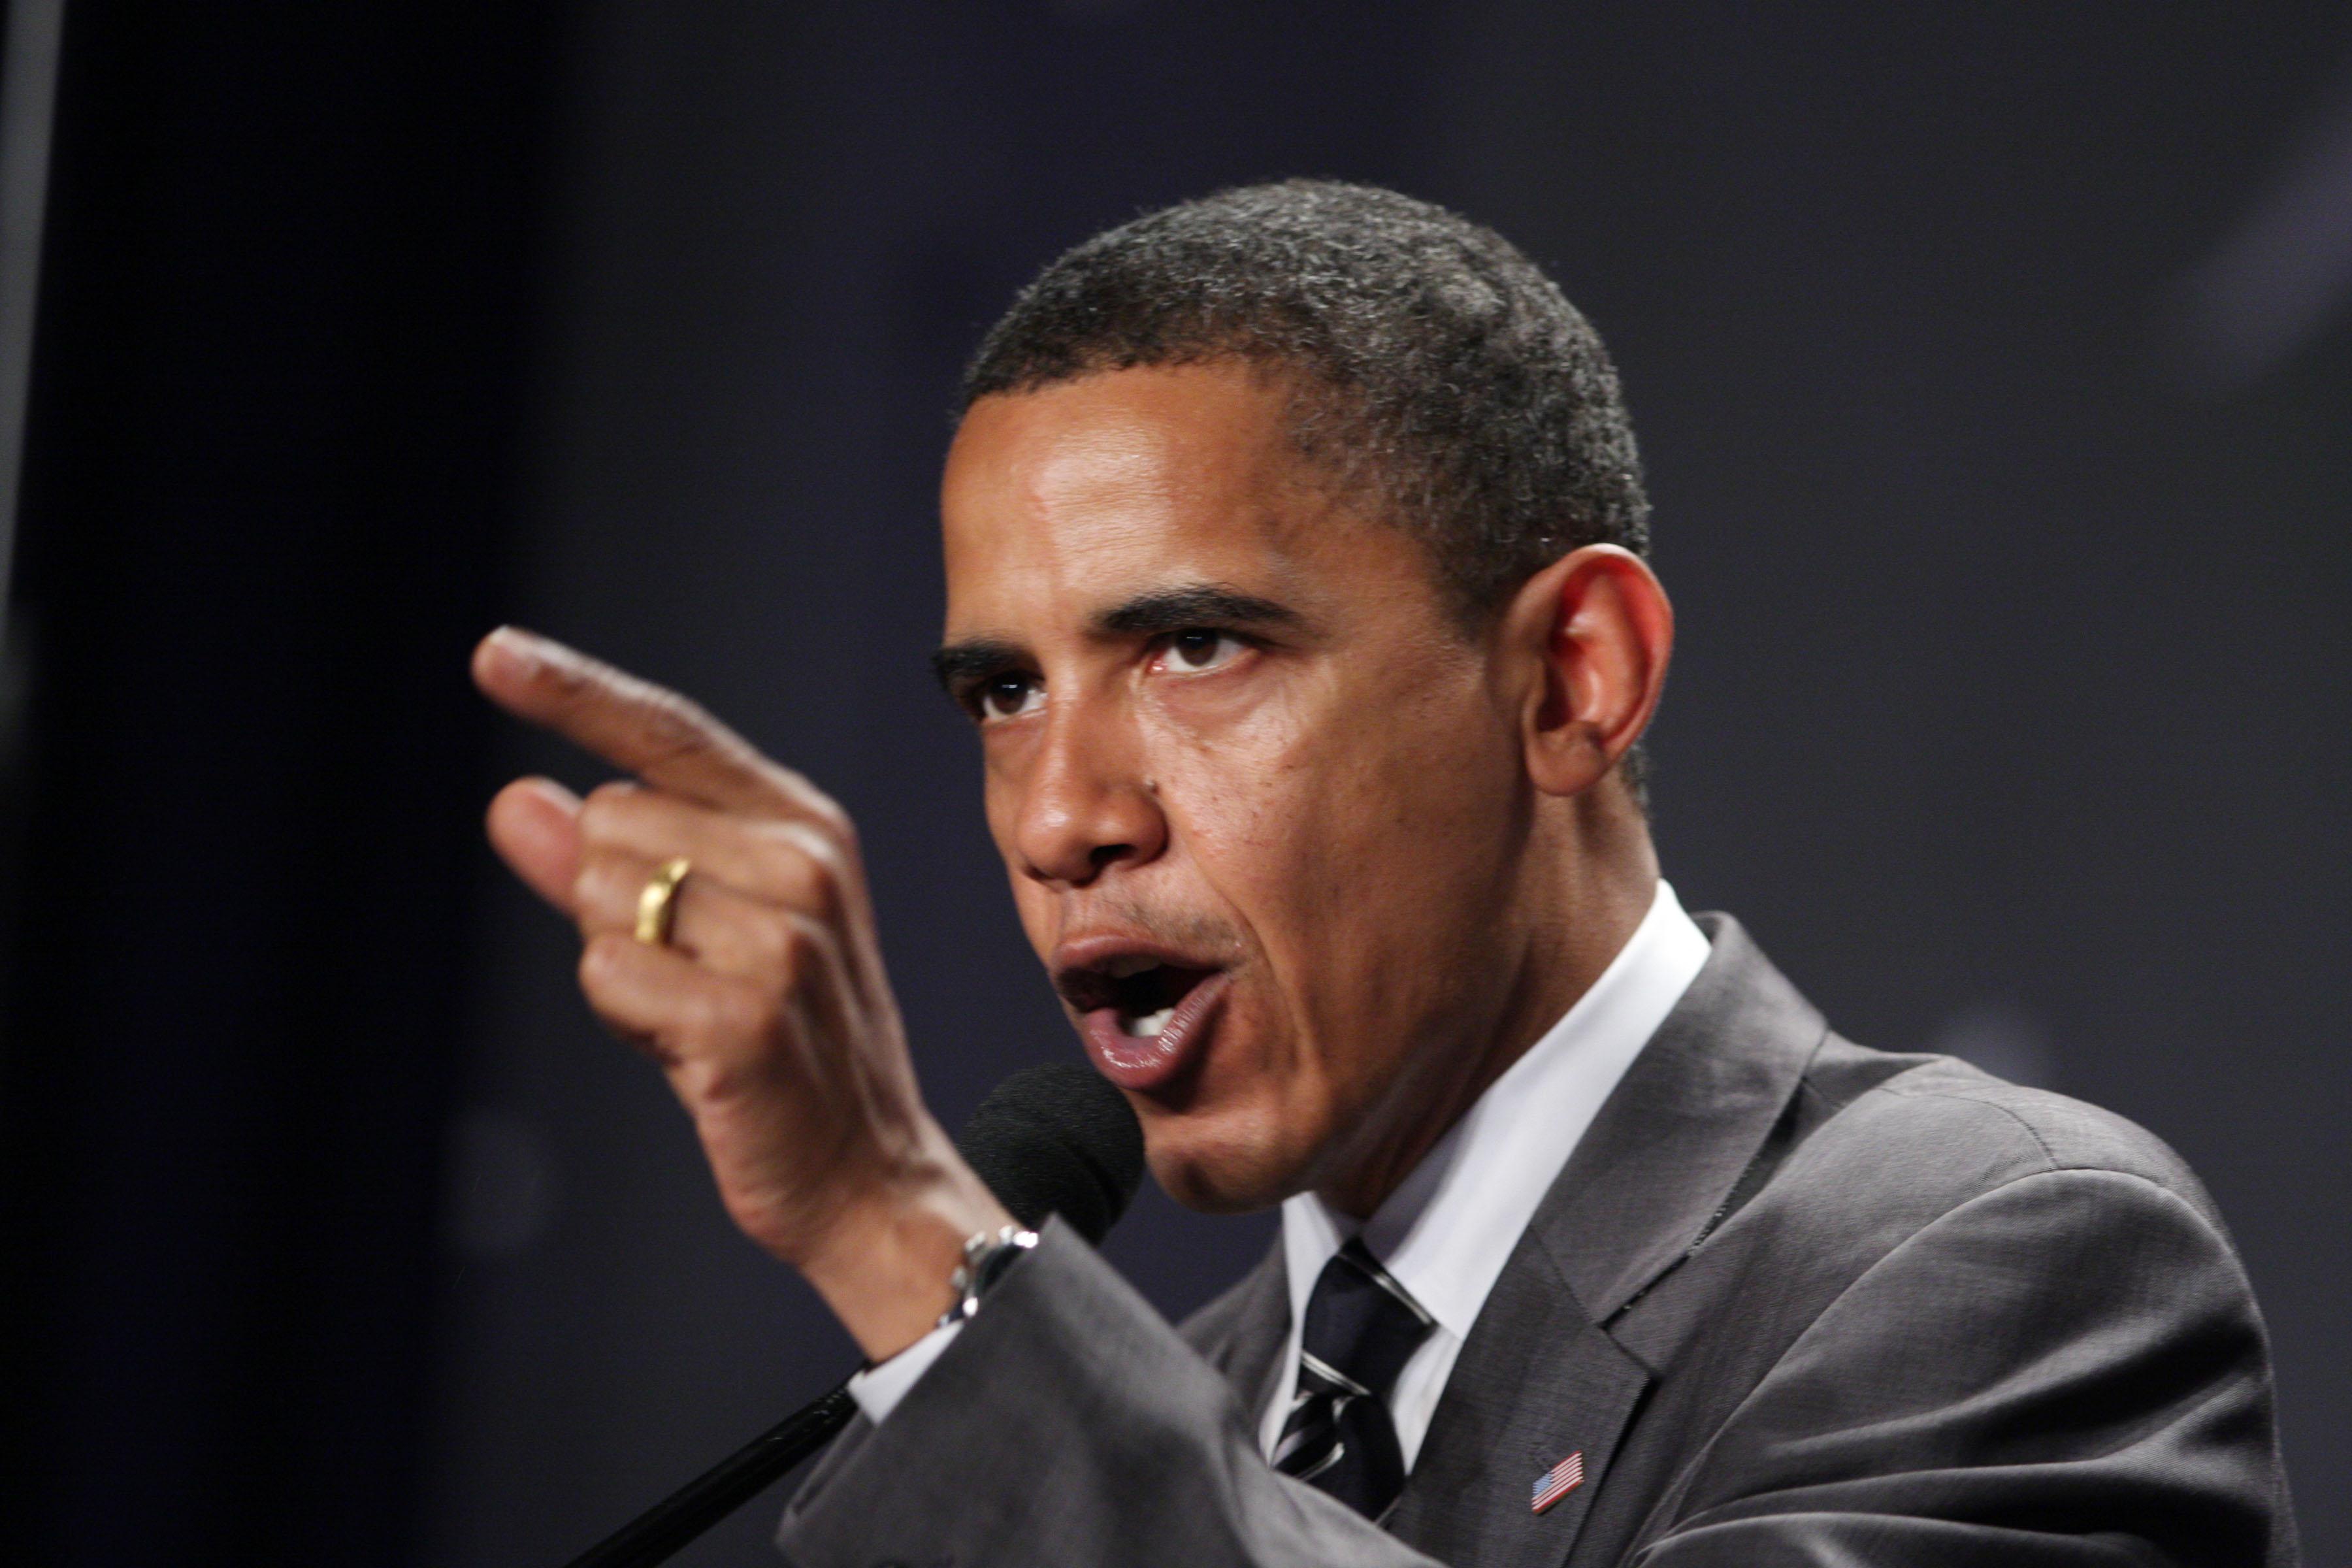 Обама заявил, что РФ должна пойти на уступки, чтобы дать США развернуться в САР